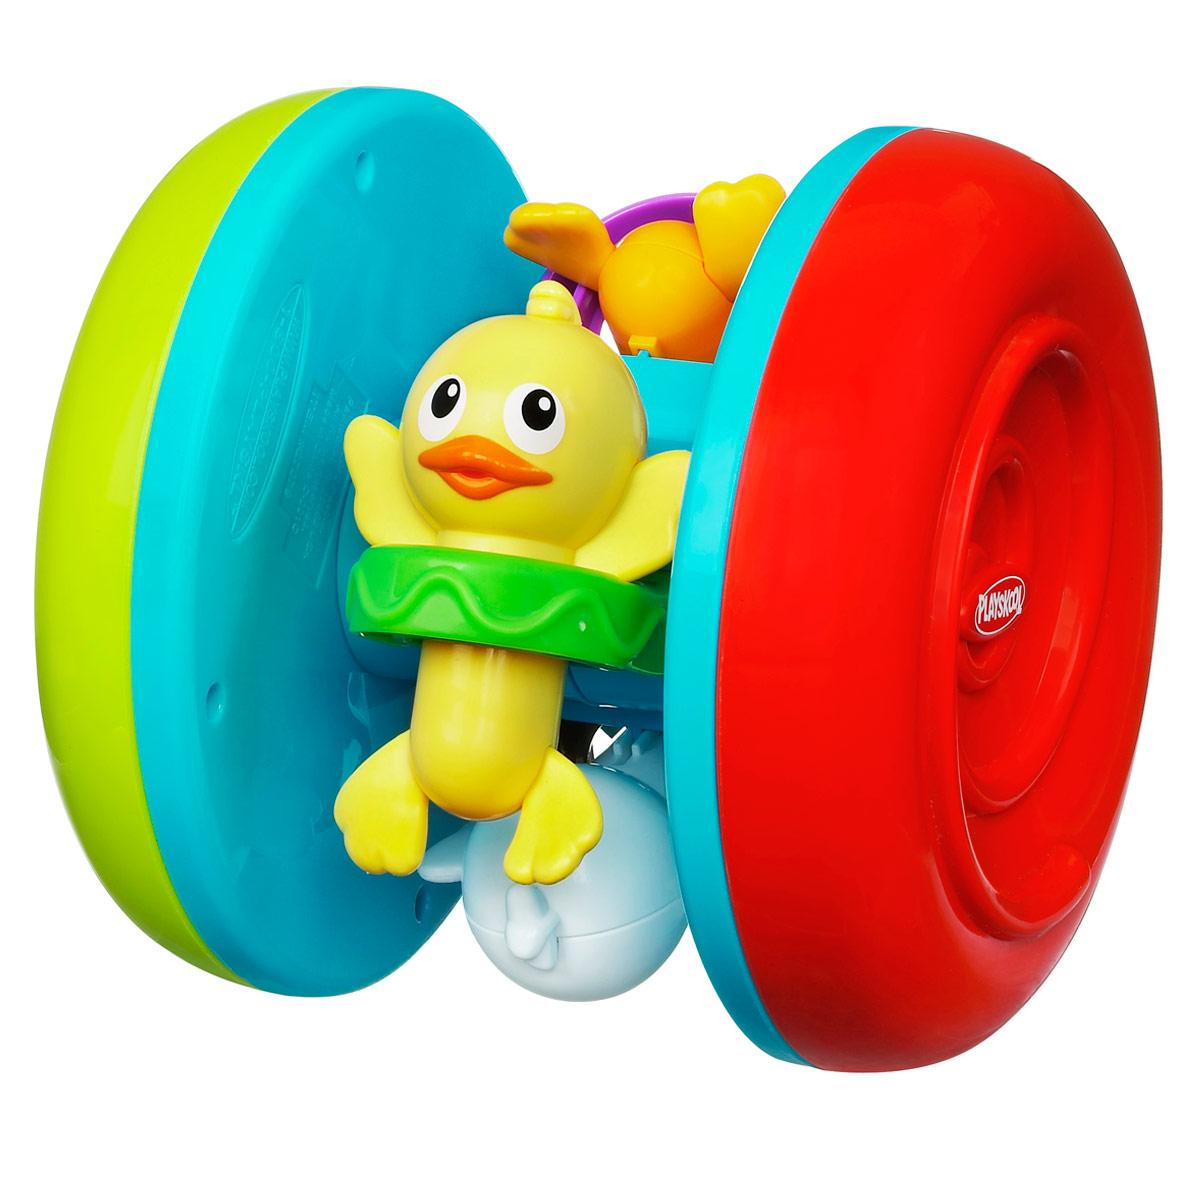 Playskool Обучающая игрушка Веселые утята27079Яркая обучающая игрушка Playskool Веселые утята понравится вашему ребенку. Игрушка представляет собой ролик с двумя колесиками, к перекладине которого прикреплены четыре забавных утенка. Эту игрушку можно катать, а шарик внутри нее будет весело греметь. Очаровательные разноцветные утята привлекут внимание ребенка, ведь их можно двигать под негромкие щелчки. Вам гарантированы смех и хорошее настроение малыша, когда он начнет катать эту игрушку и ползать за ней, никогда не давая этим утятам уйти от него слишком далеко! Такая игрушка развивает слух, моторику, цветовое и тактильное восприятие ребенка.